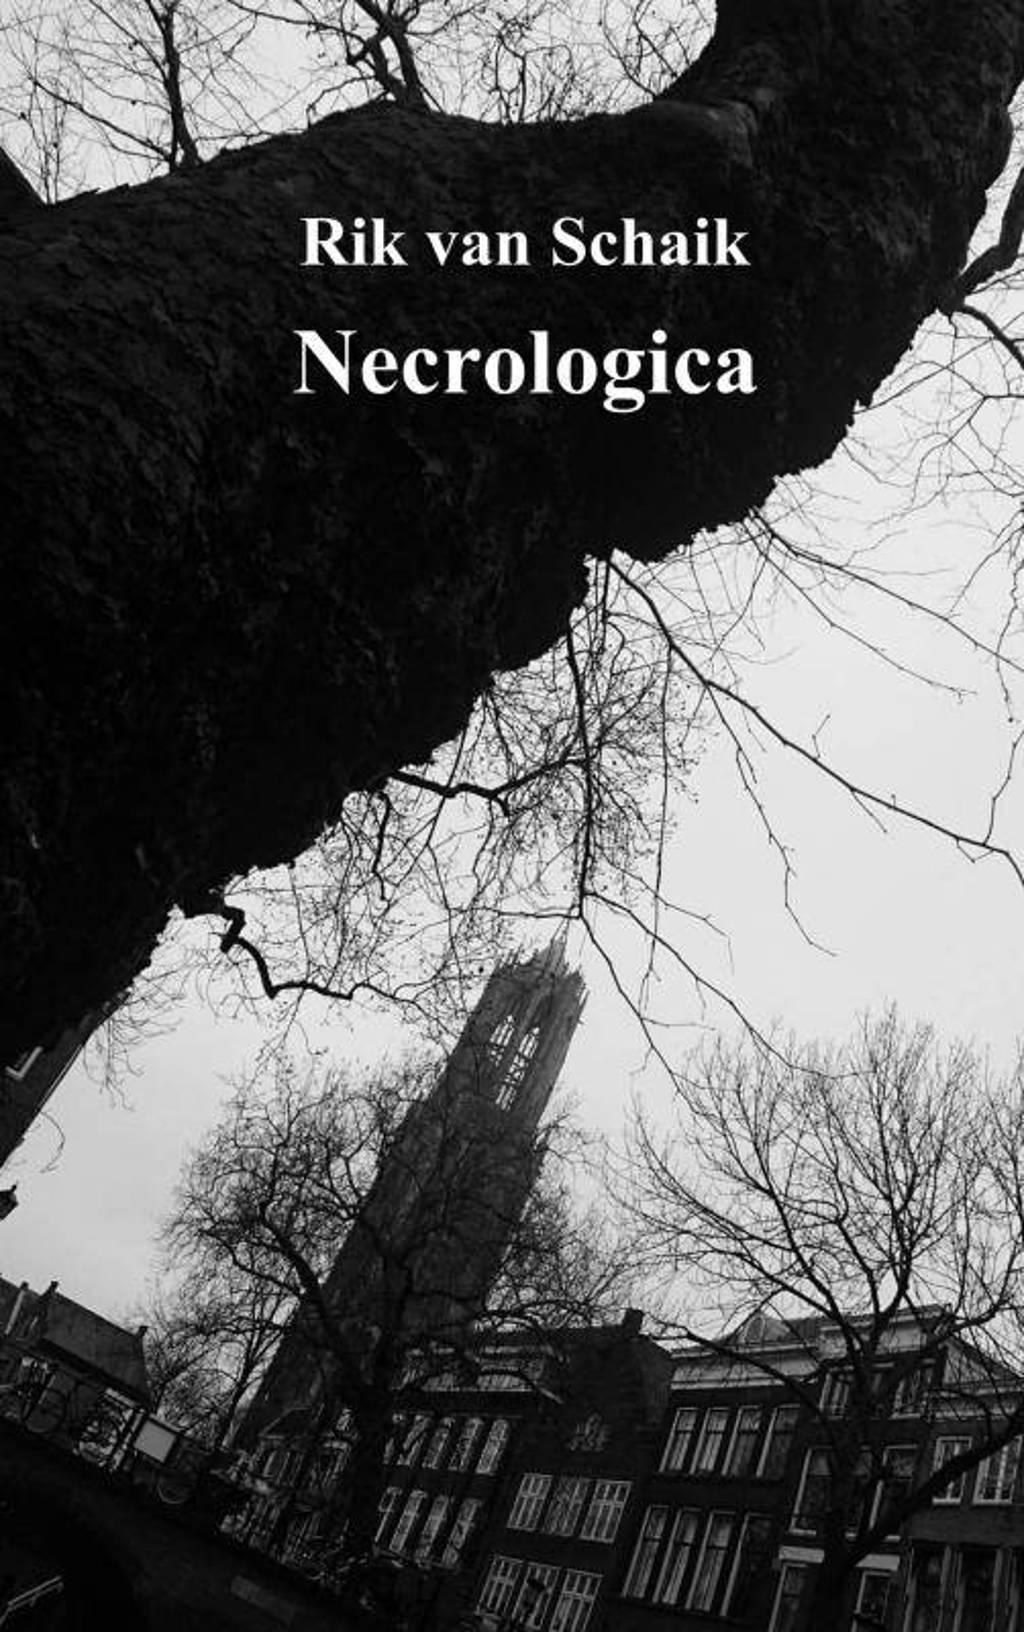 Necrologica - Rik van Schaik